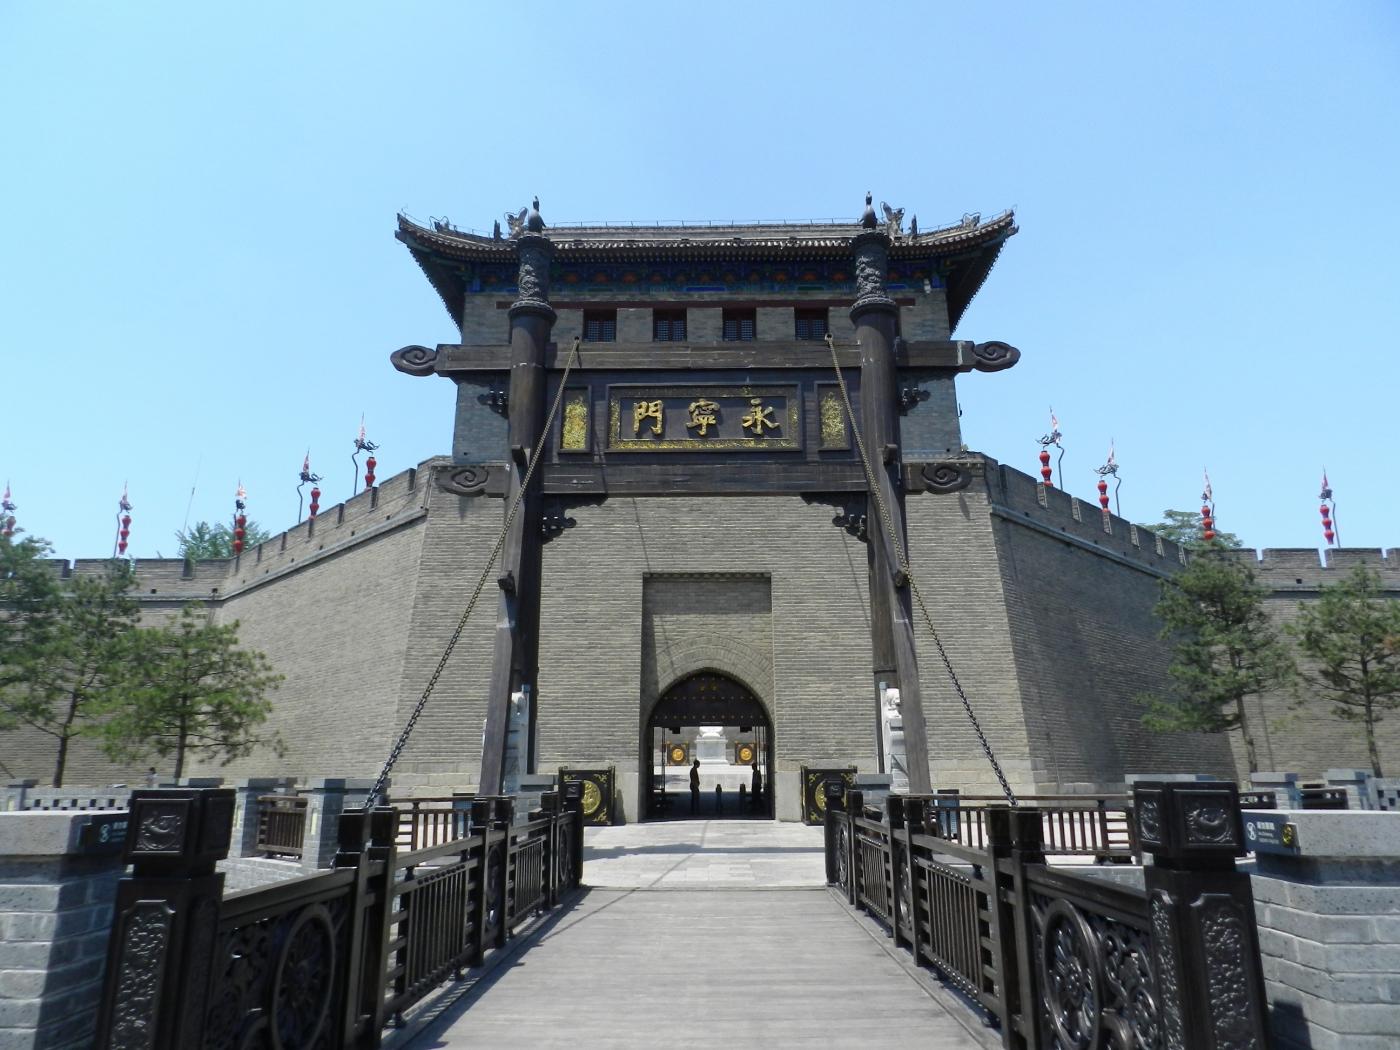 【汉良子】西安城墙(图)_图1-1